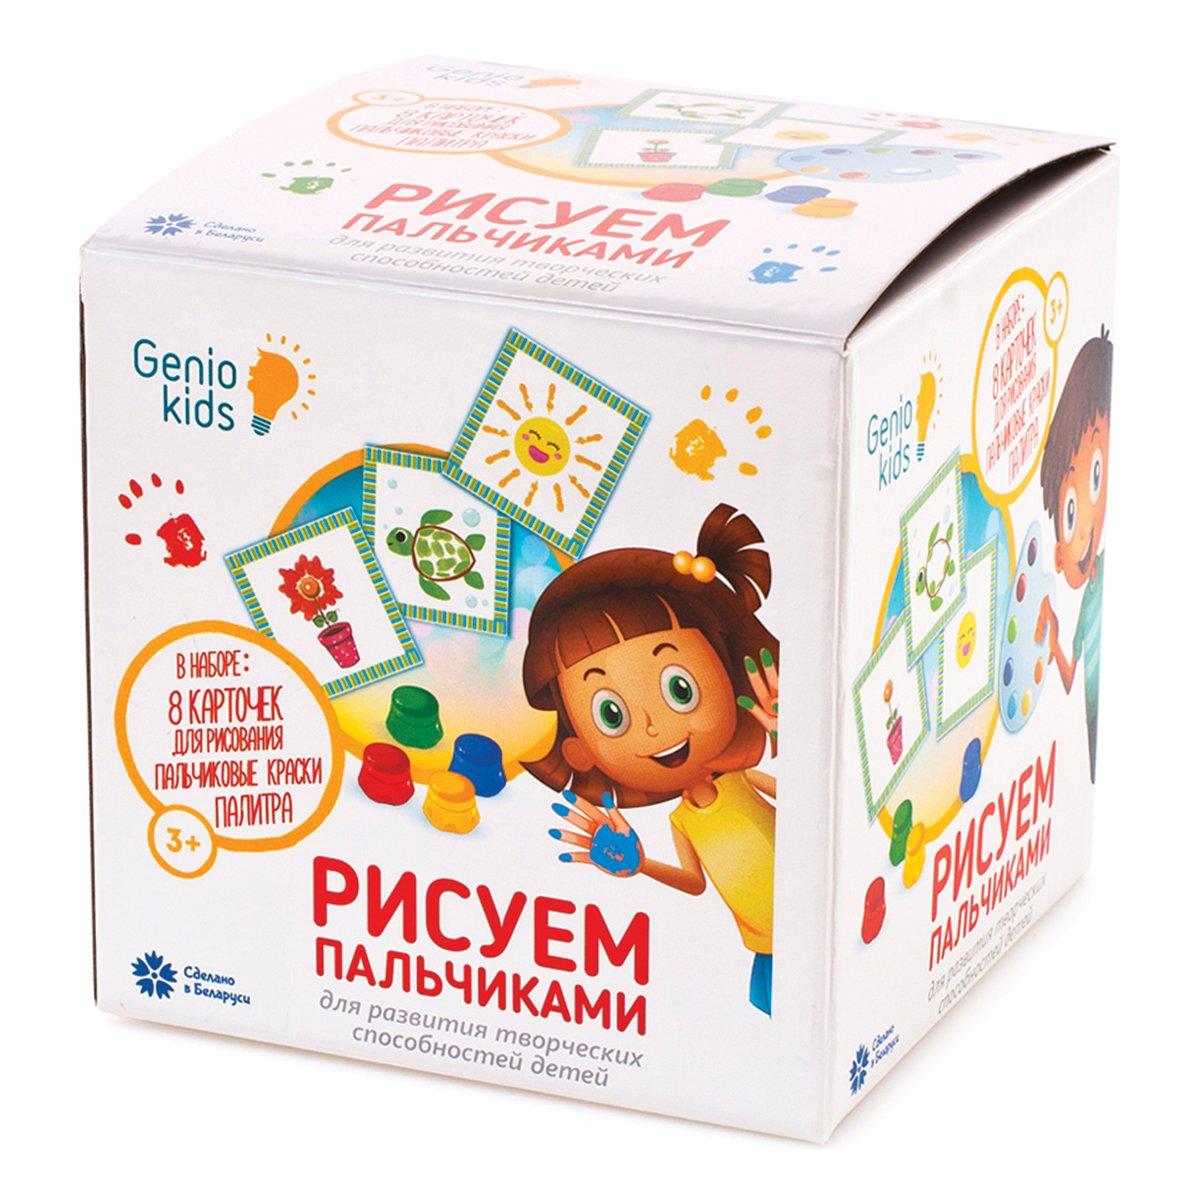 Купить Genio Kids Набор для творчества, Рисуем пальчиками TA1404, GENIO KIDS-ART, Беларусь